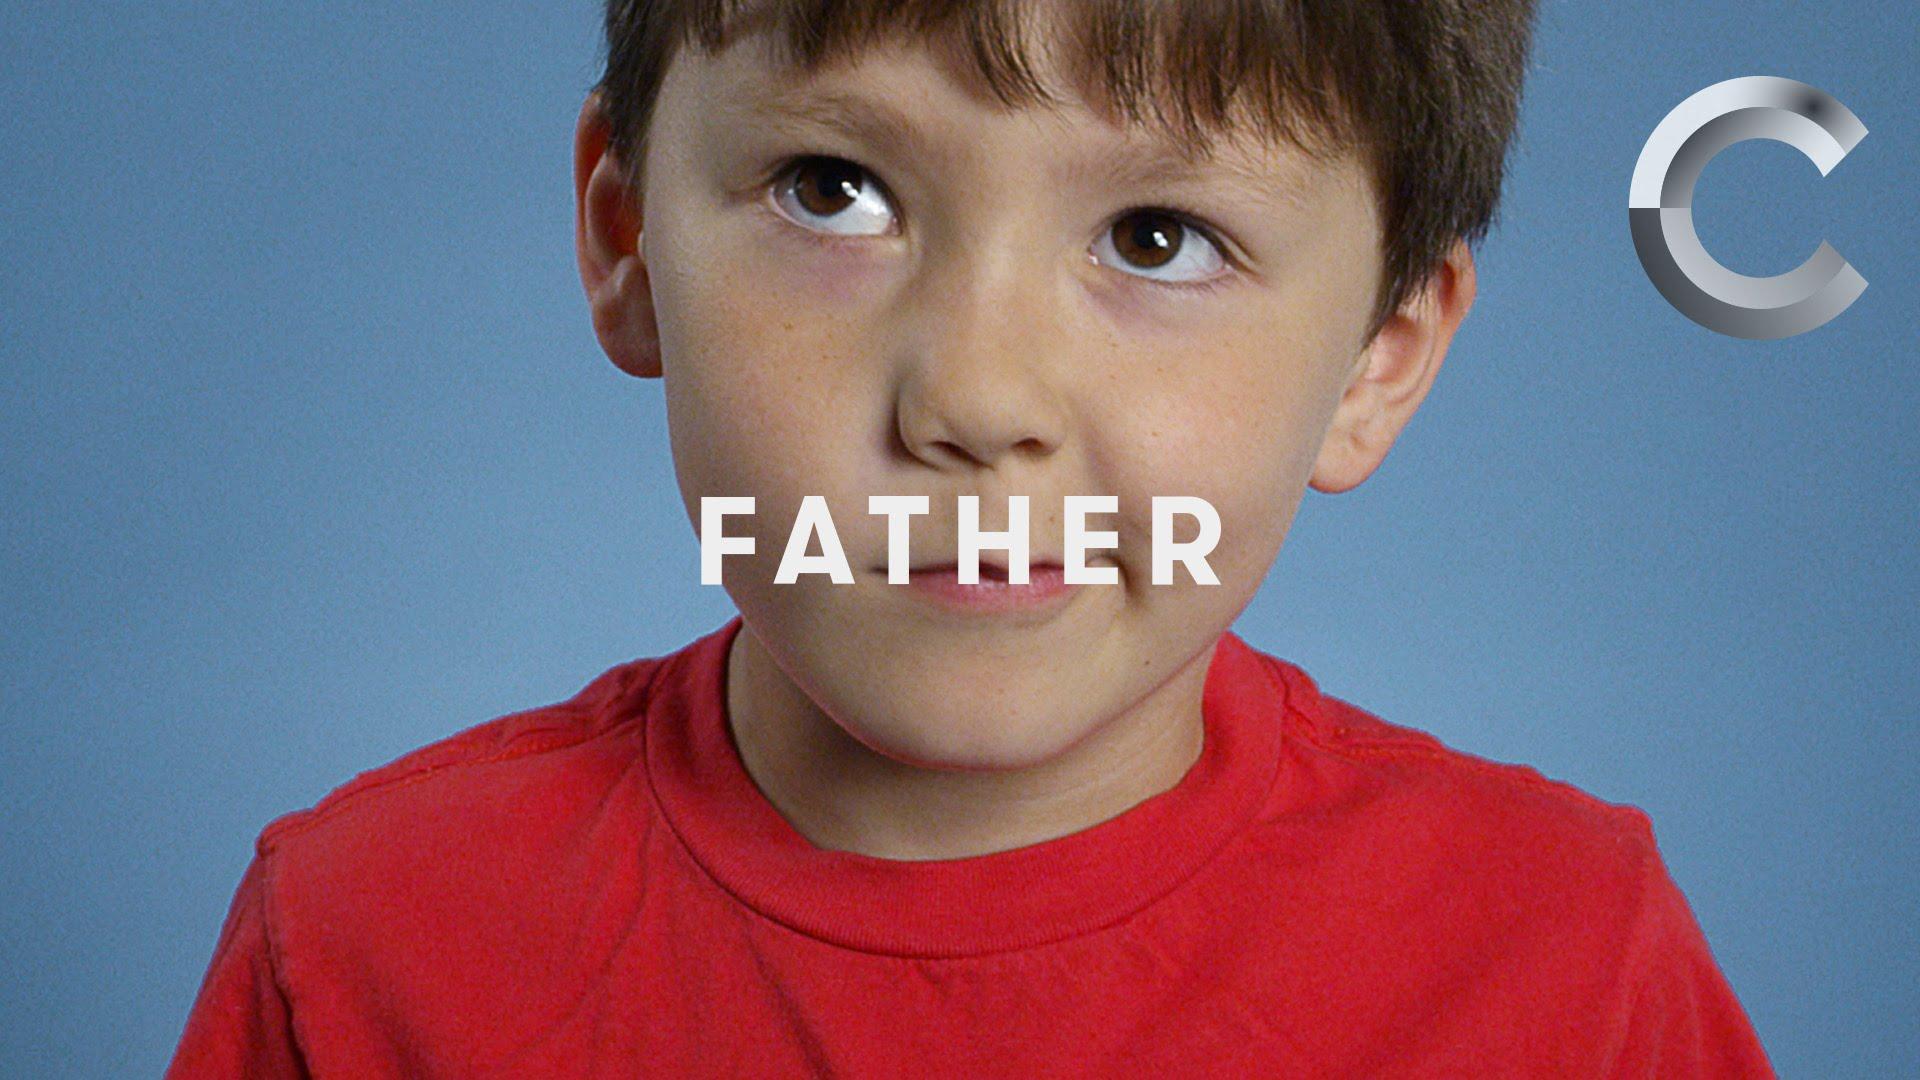 『父の日』に感謝を込めて